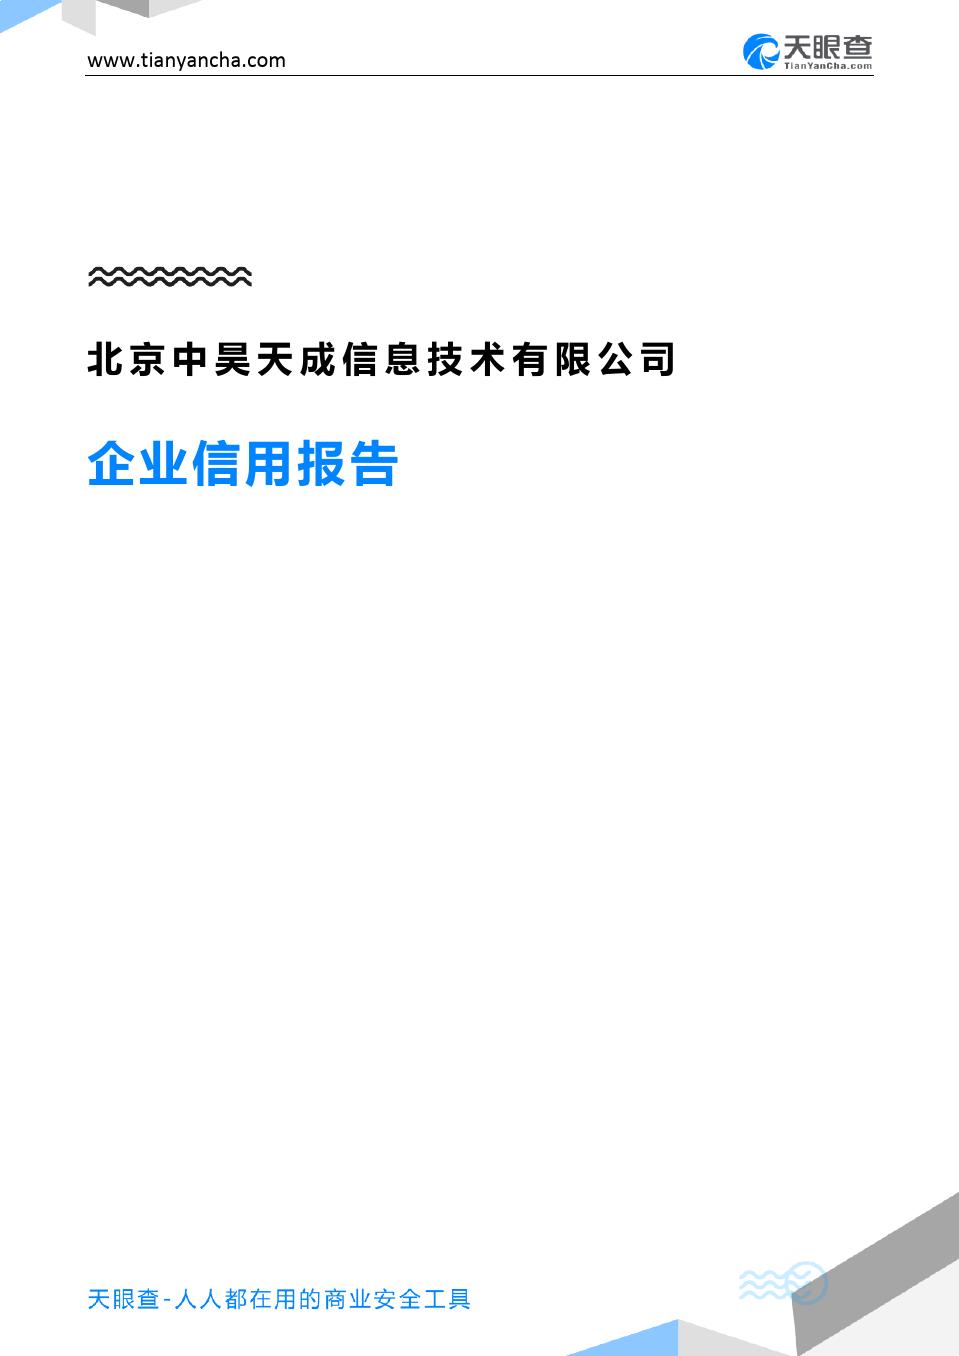 北京中昊天成信息技术有限公司(企业信用报告)- 天眼查